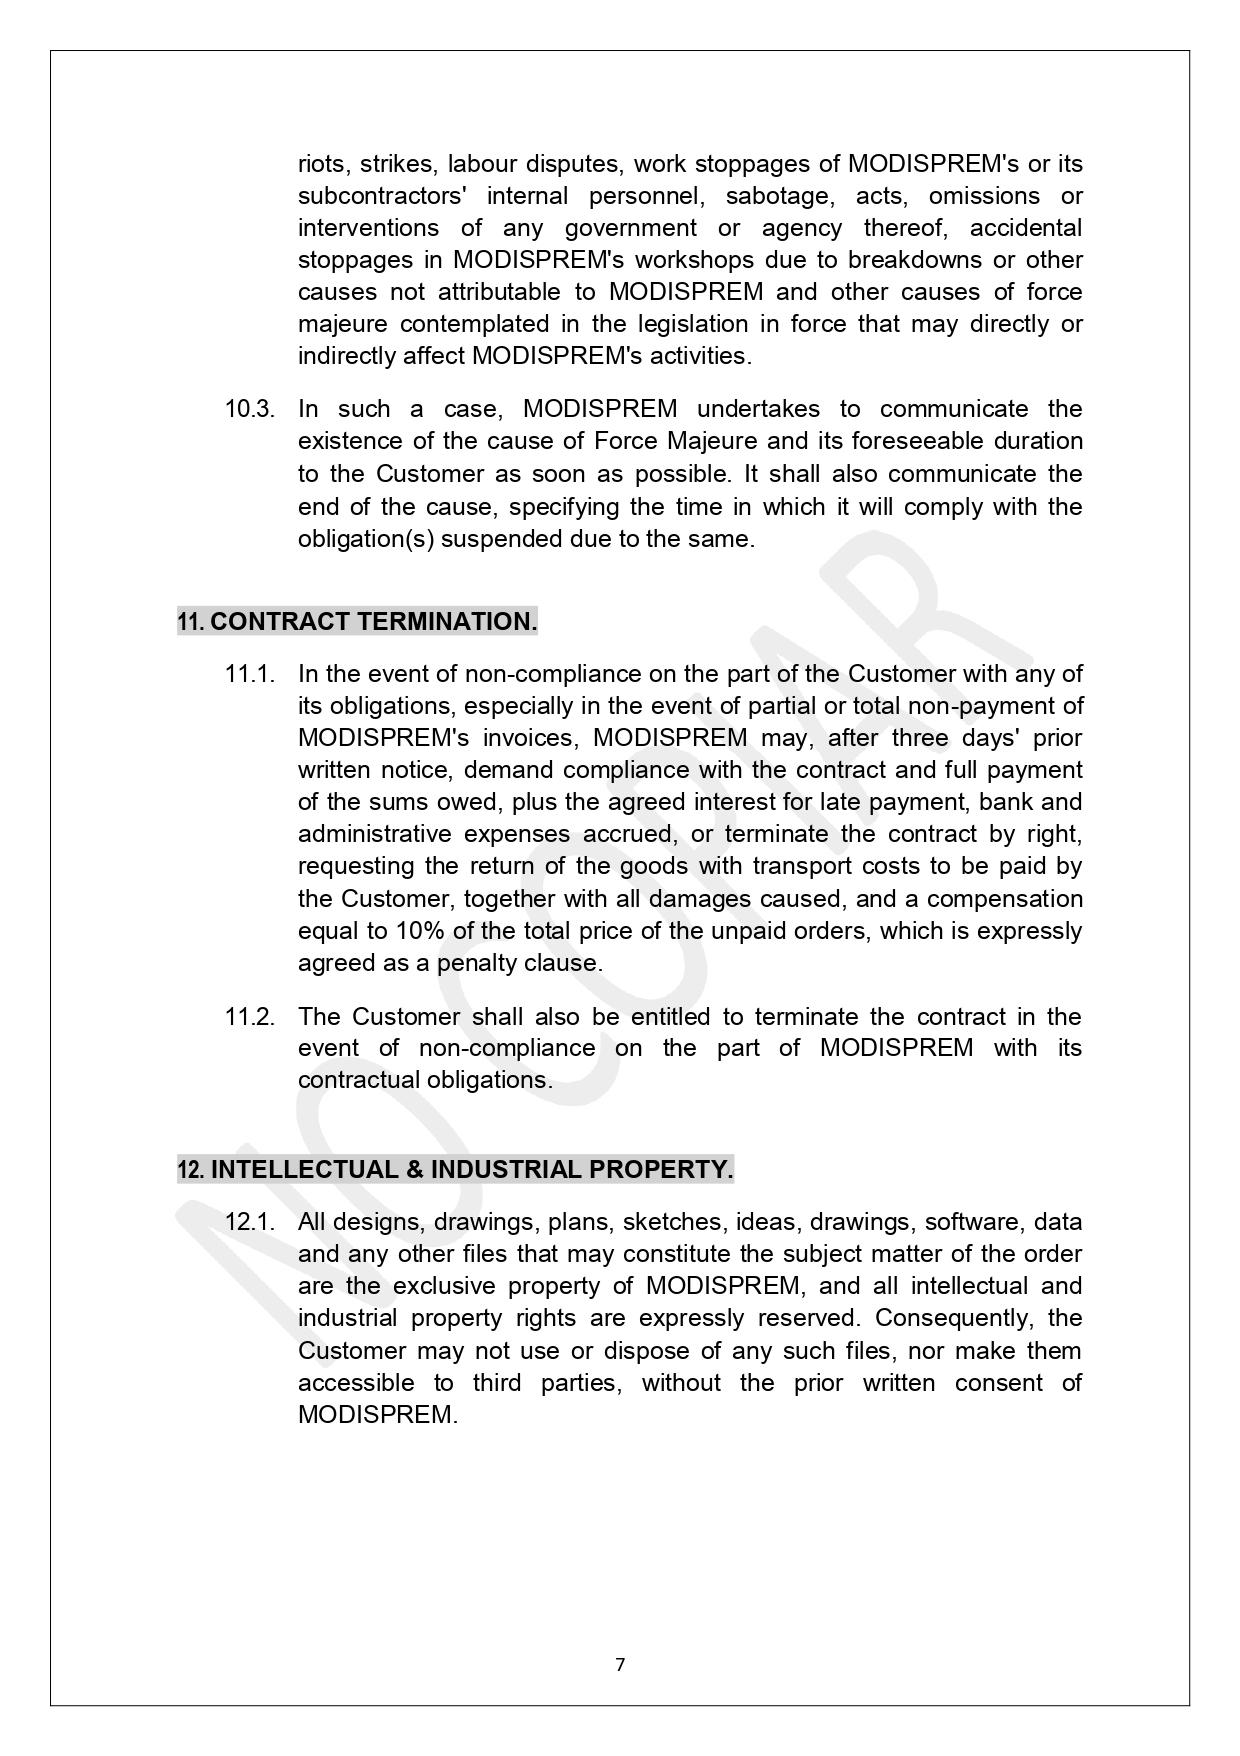 Condicions Generals de Venta EN pages to jpg 0007